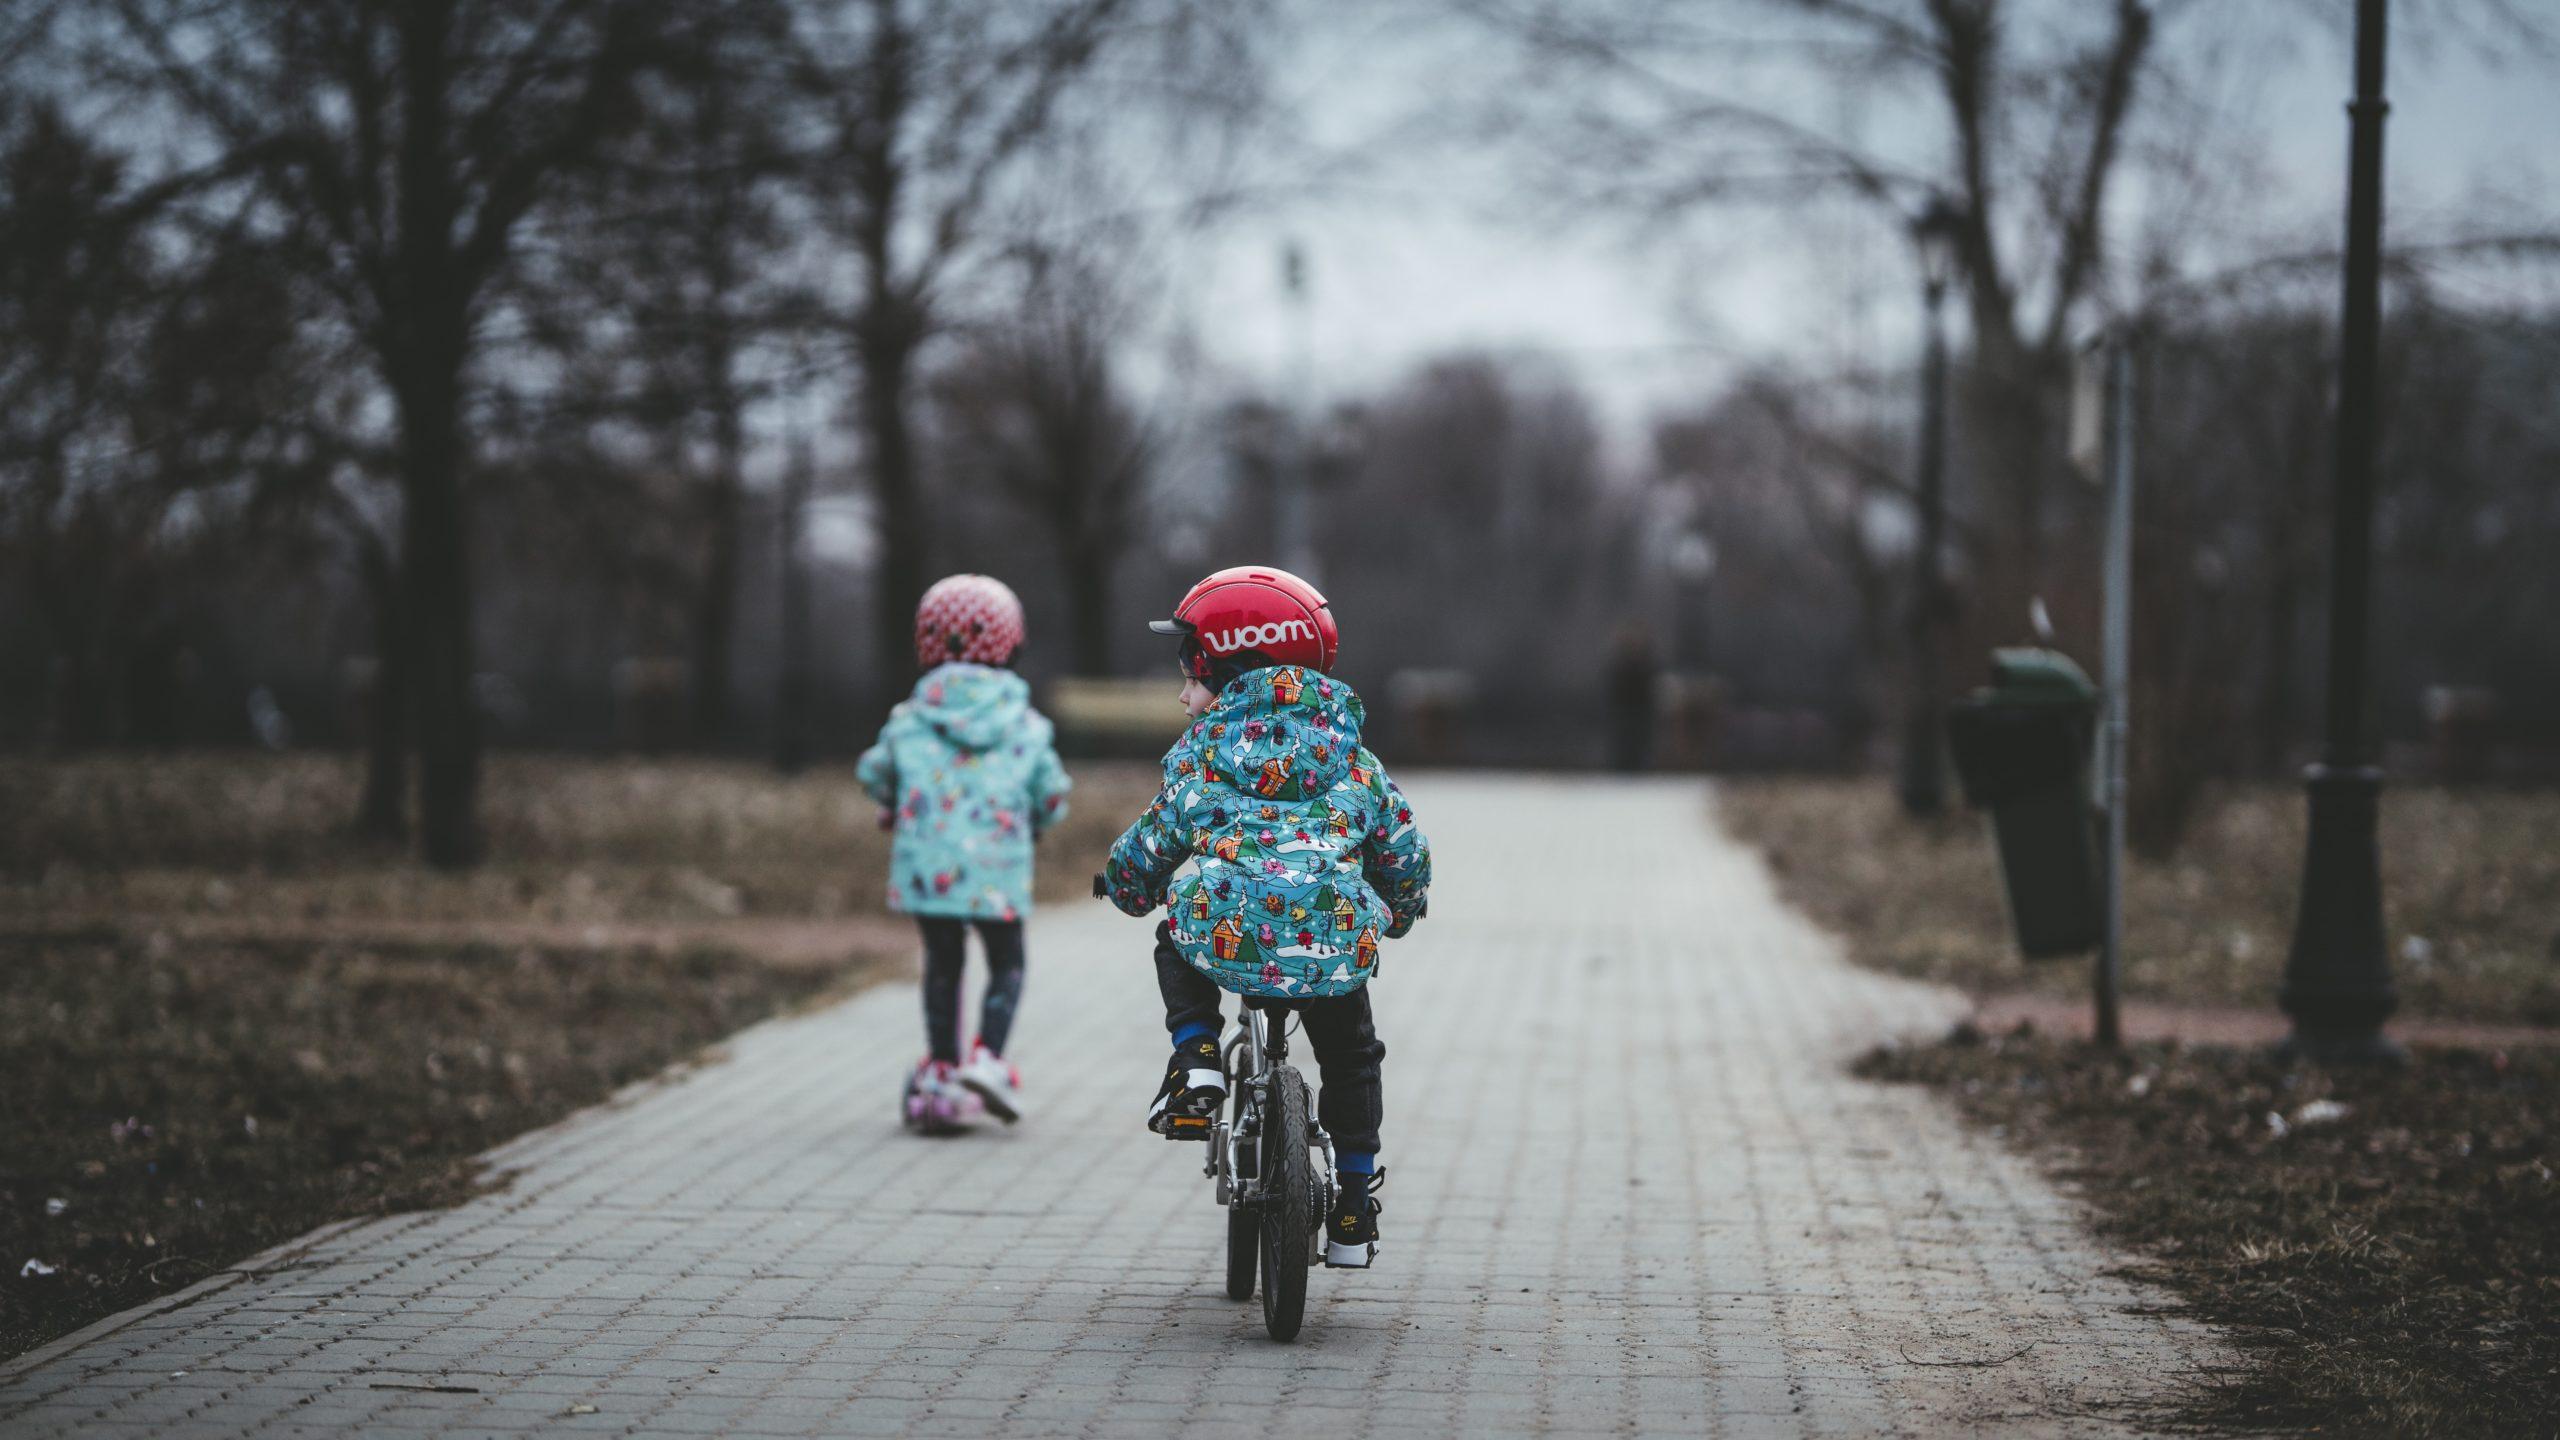 dzieci jadą na rowerch w kaskach